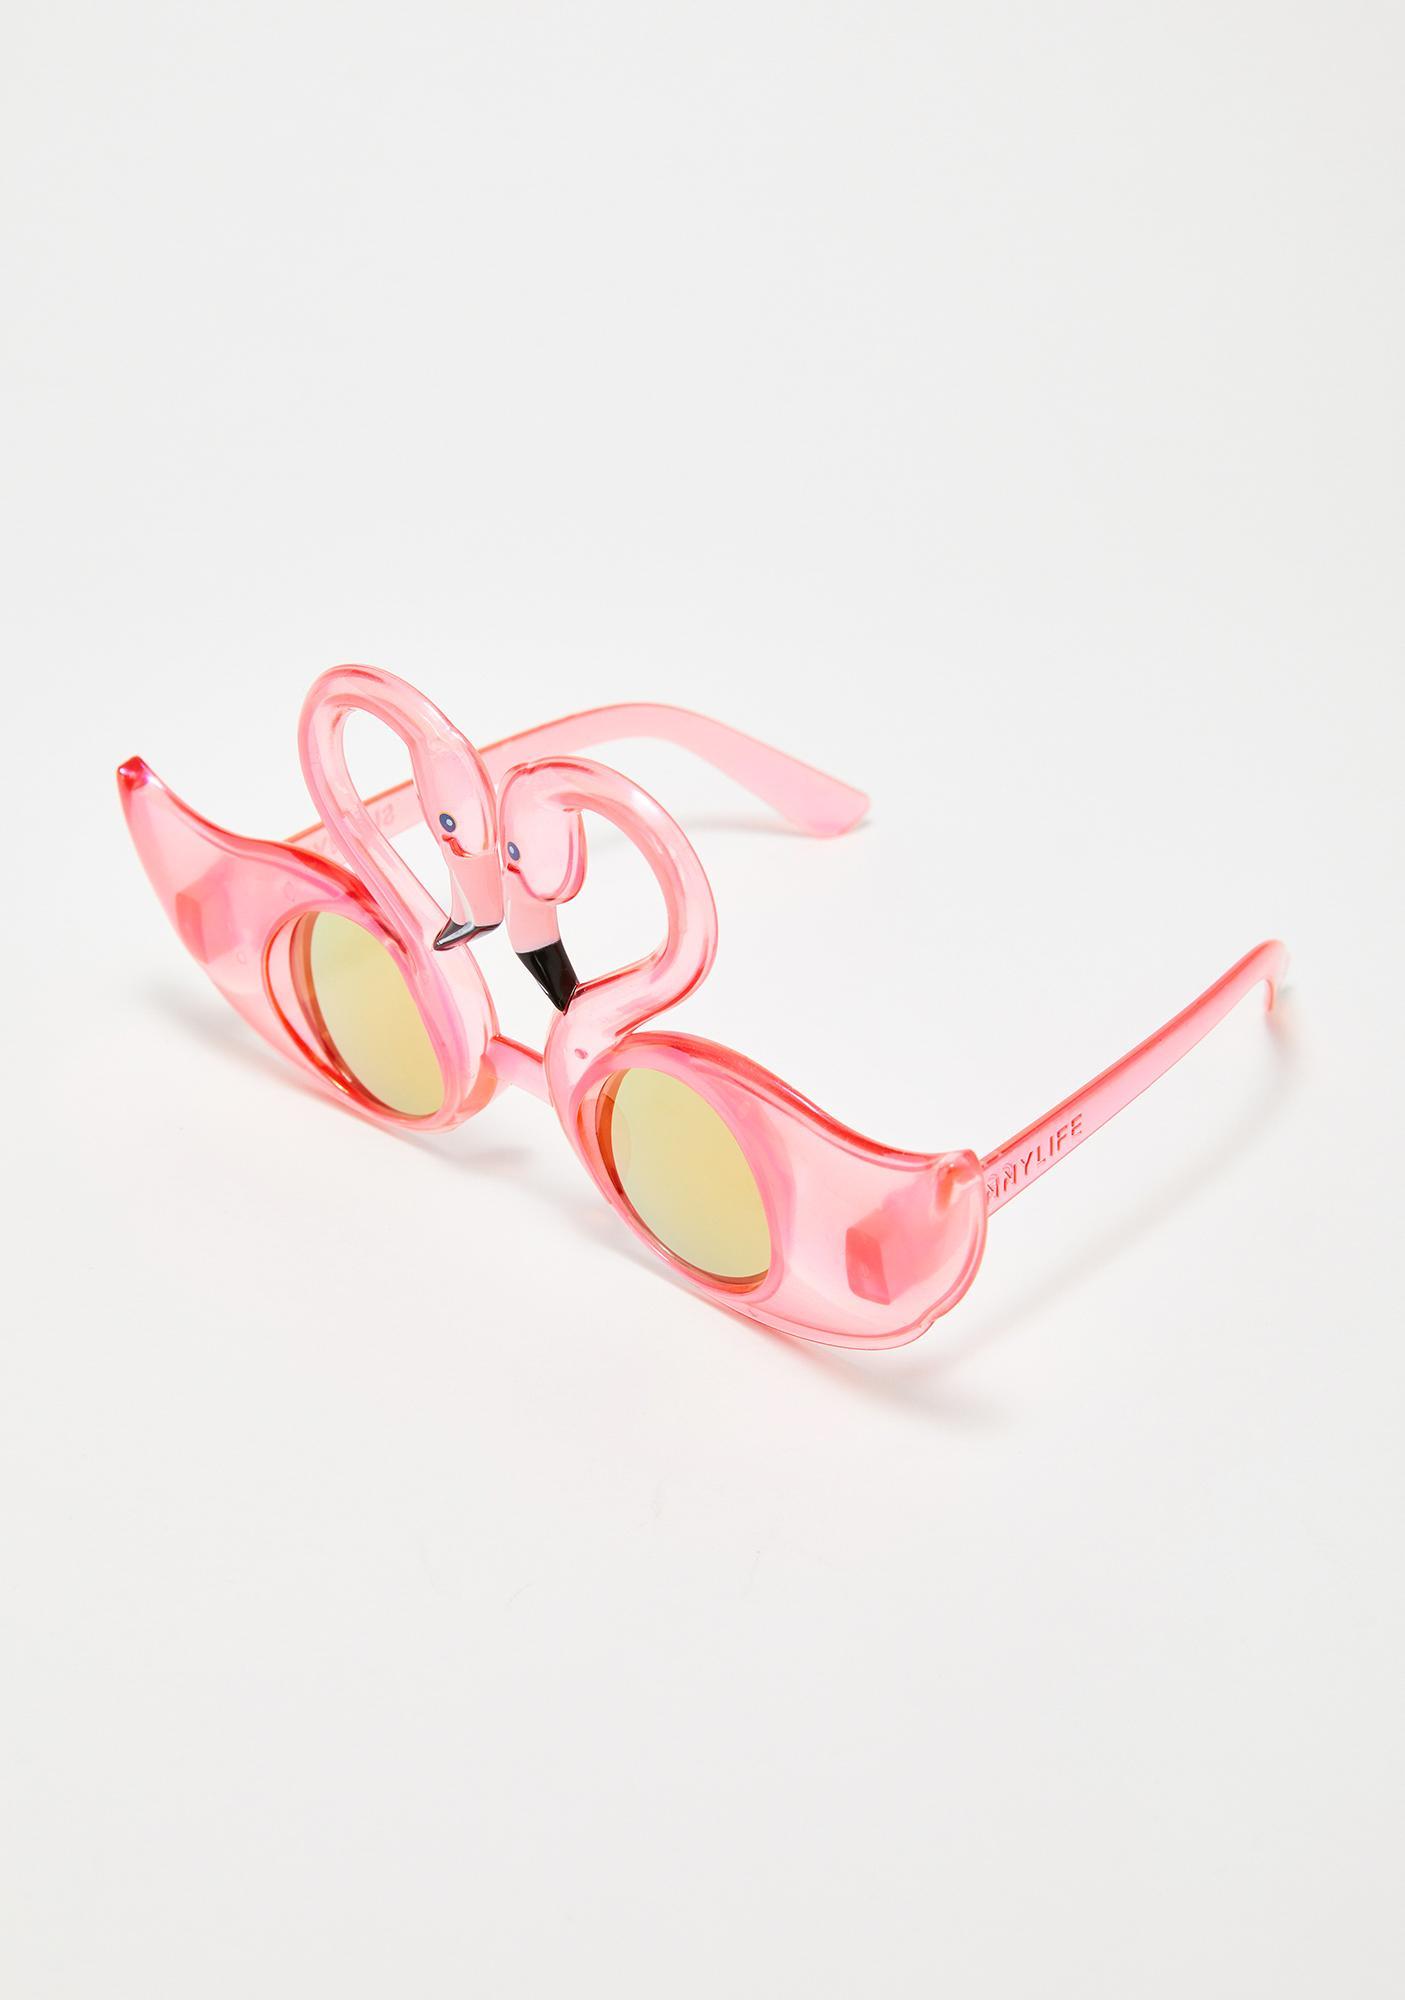 Mingle Time Flamingo Sunglasses